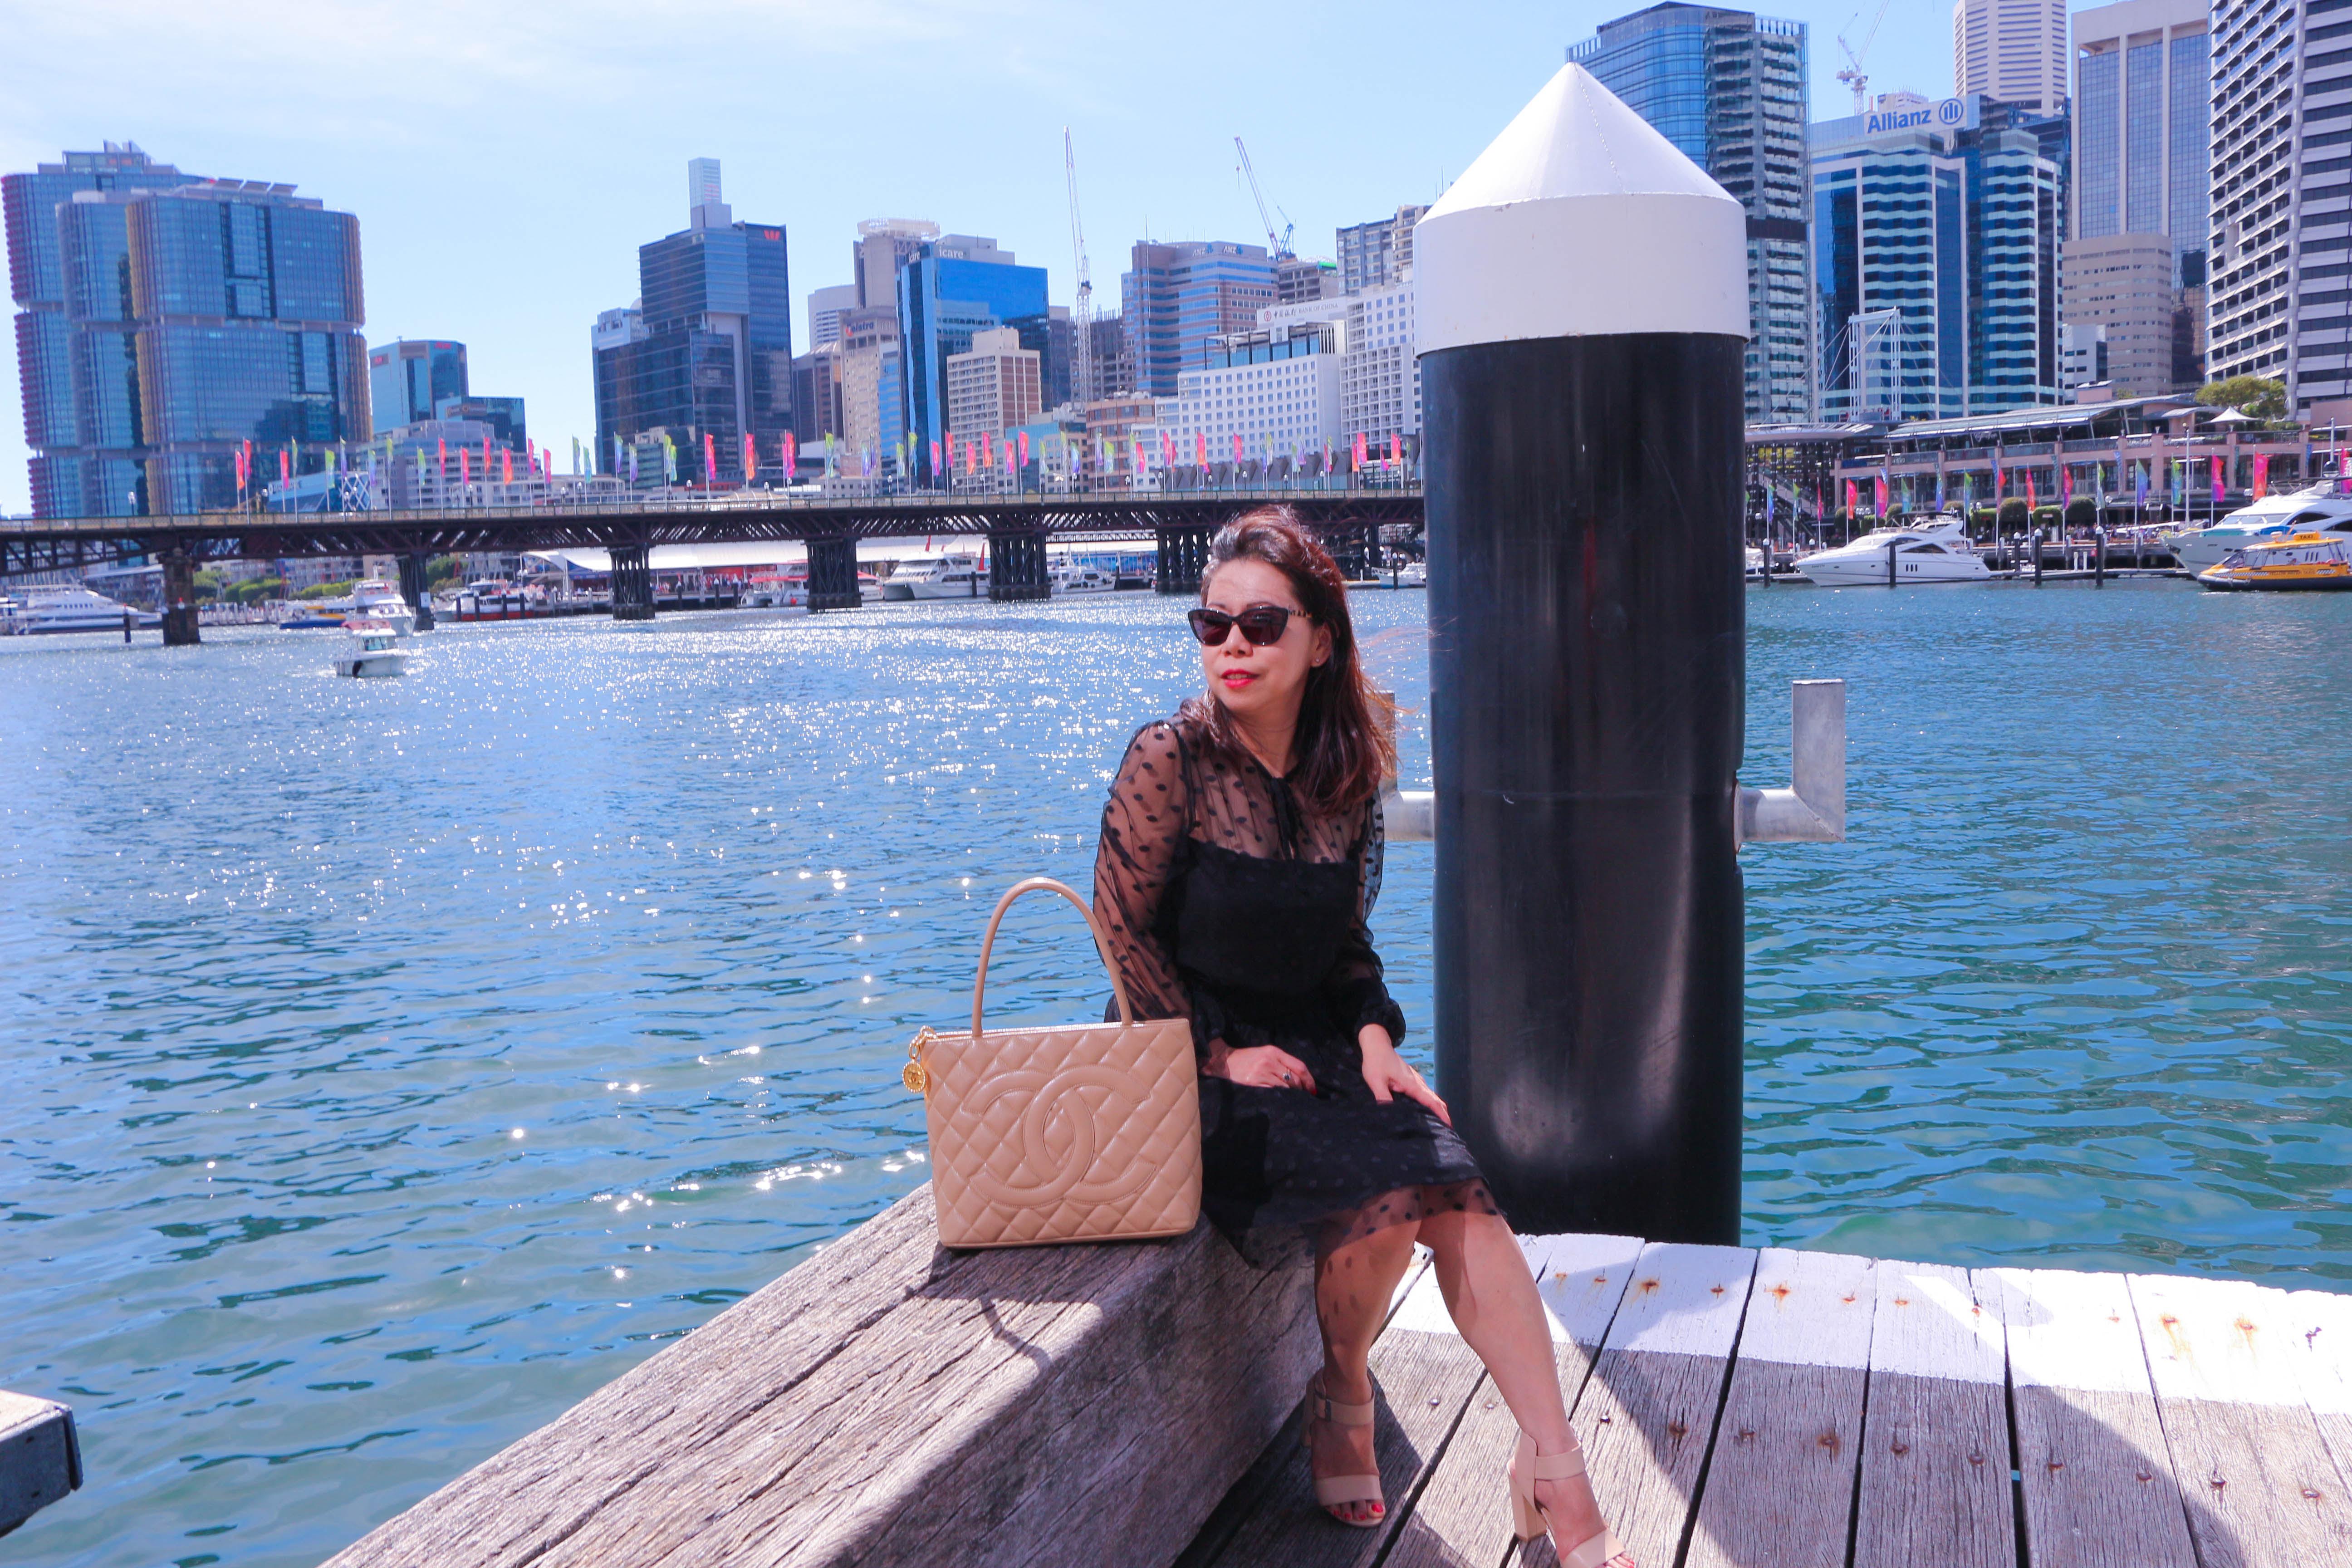 Darling Harbour blog